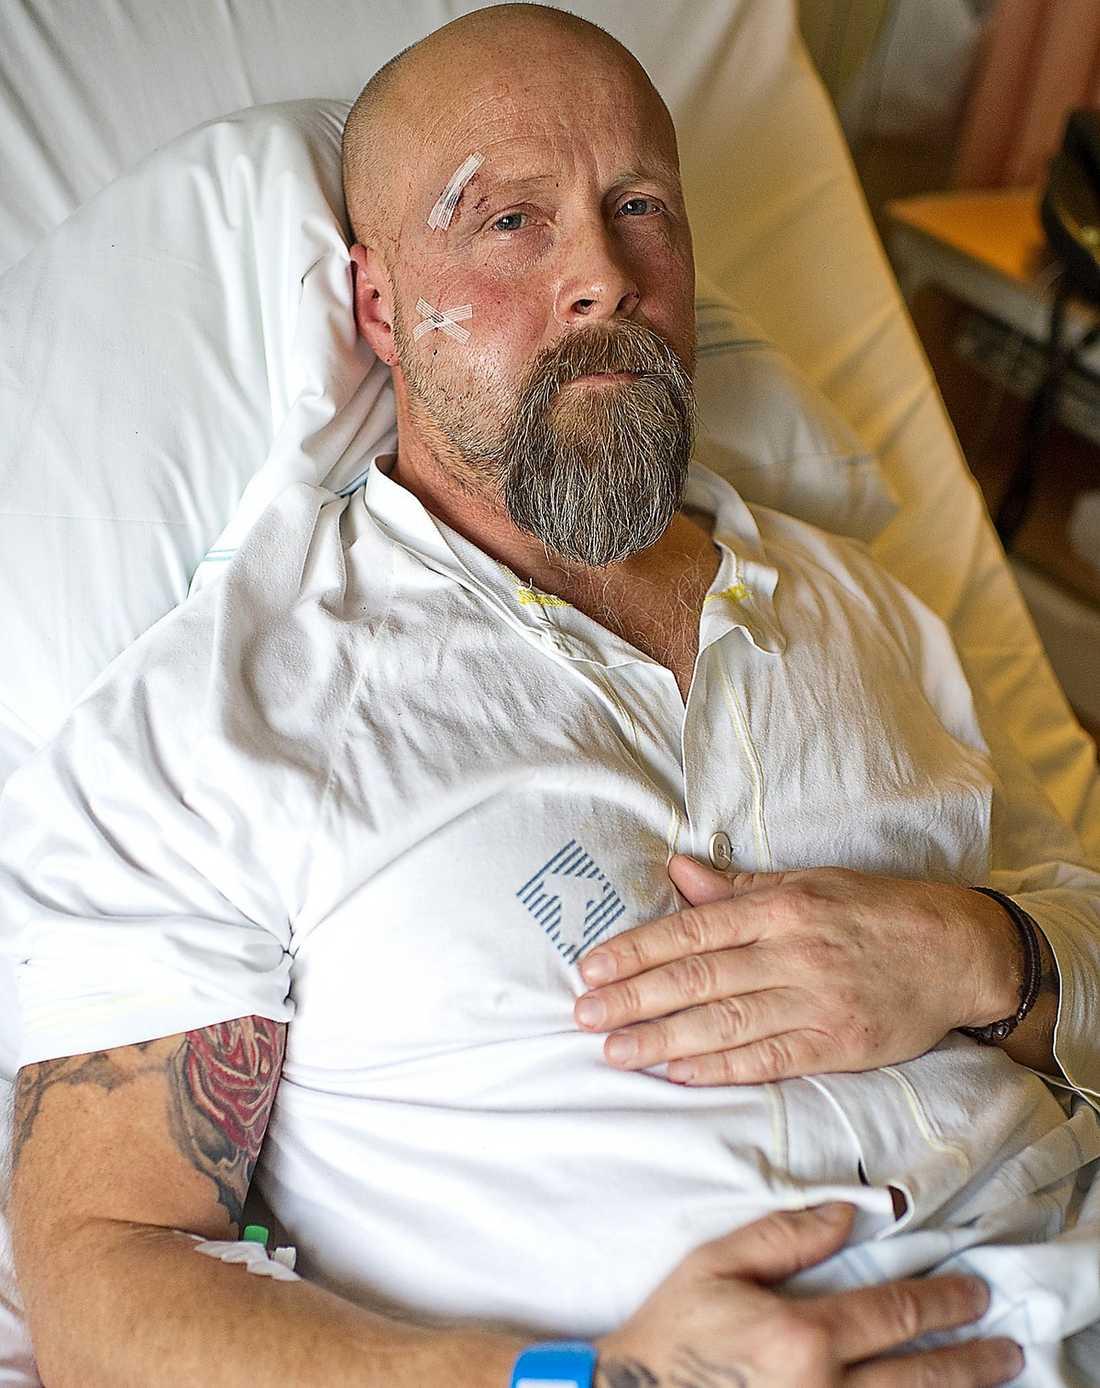 Har dödshotats Arne Johansson är öppet mot vargjakt och blivit hotad för sitt engagemang. Nu har MP-politikern blivit misshandlad och vårdas på sjukhus.